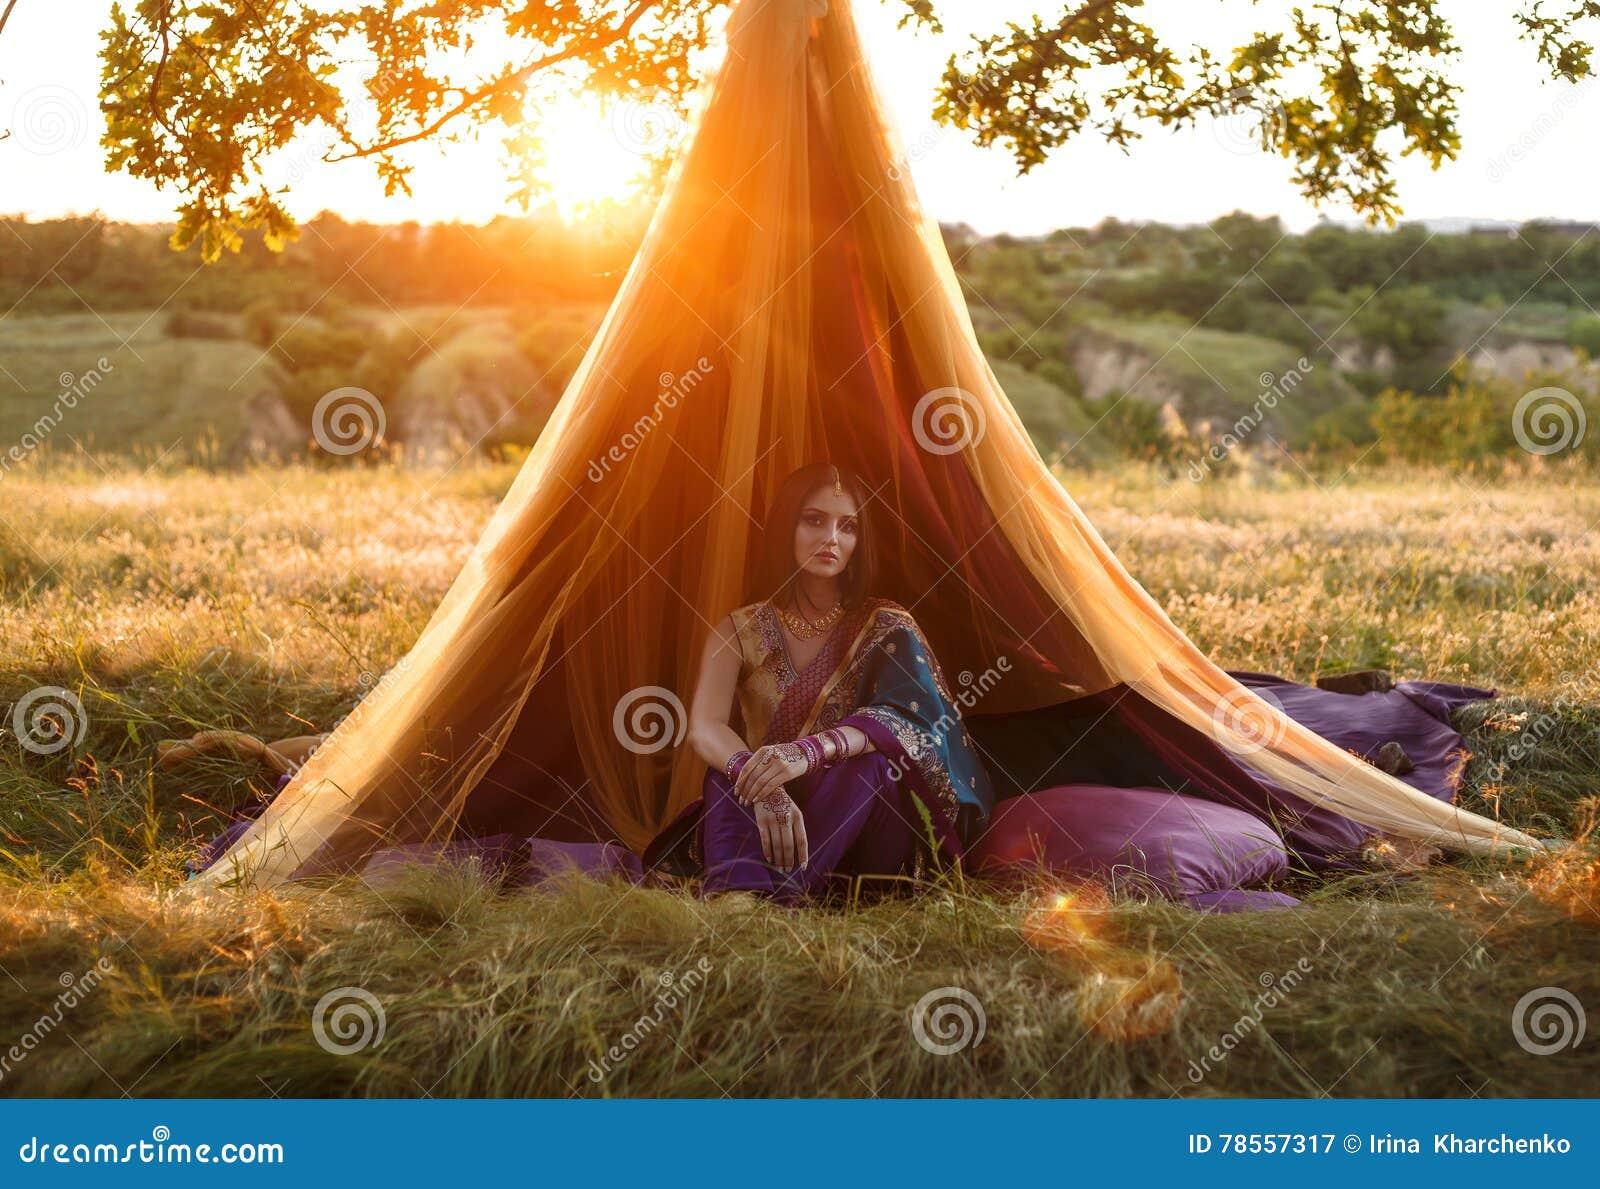 Роскошная индийская девушка сидит в шатре outdoors, на заходе солнца